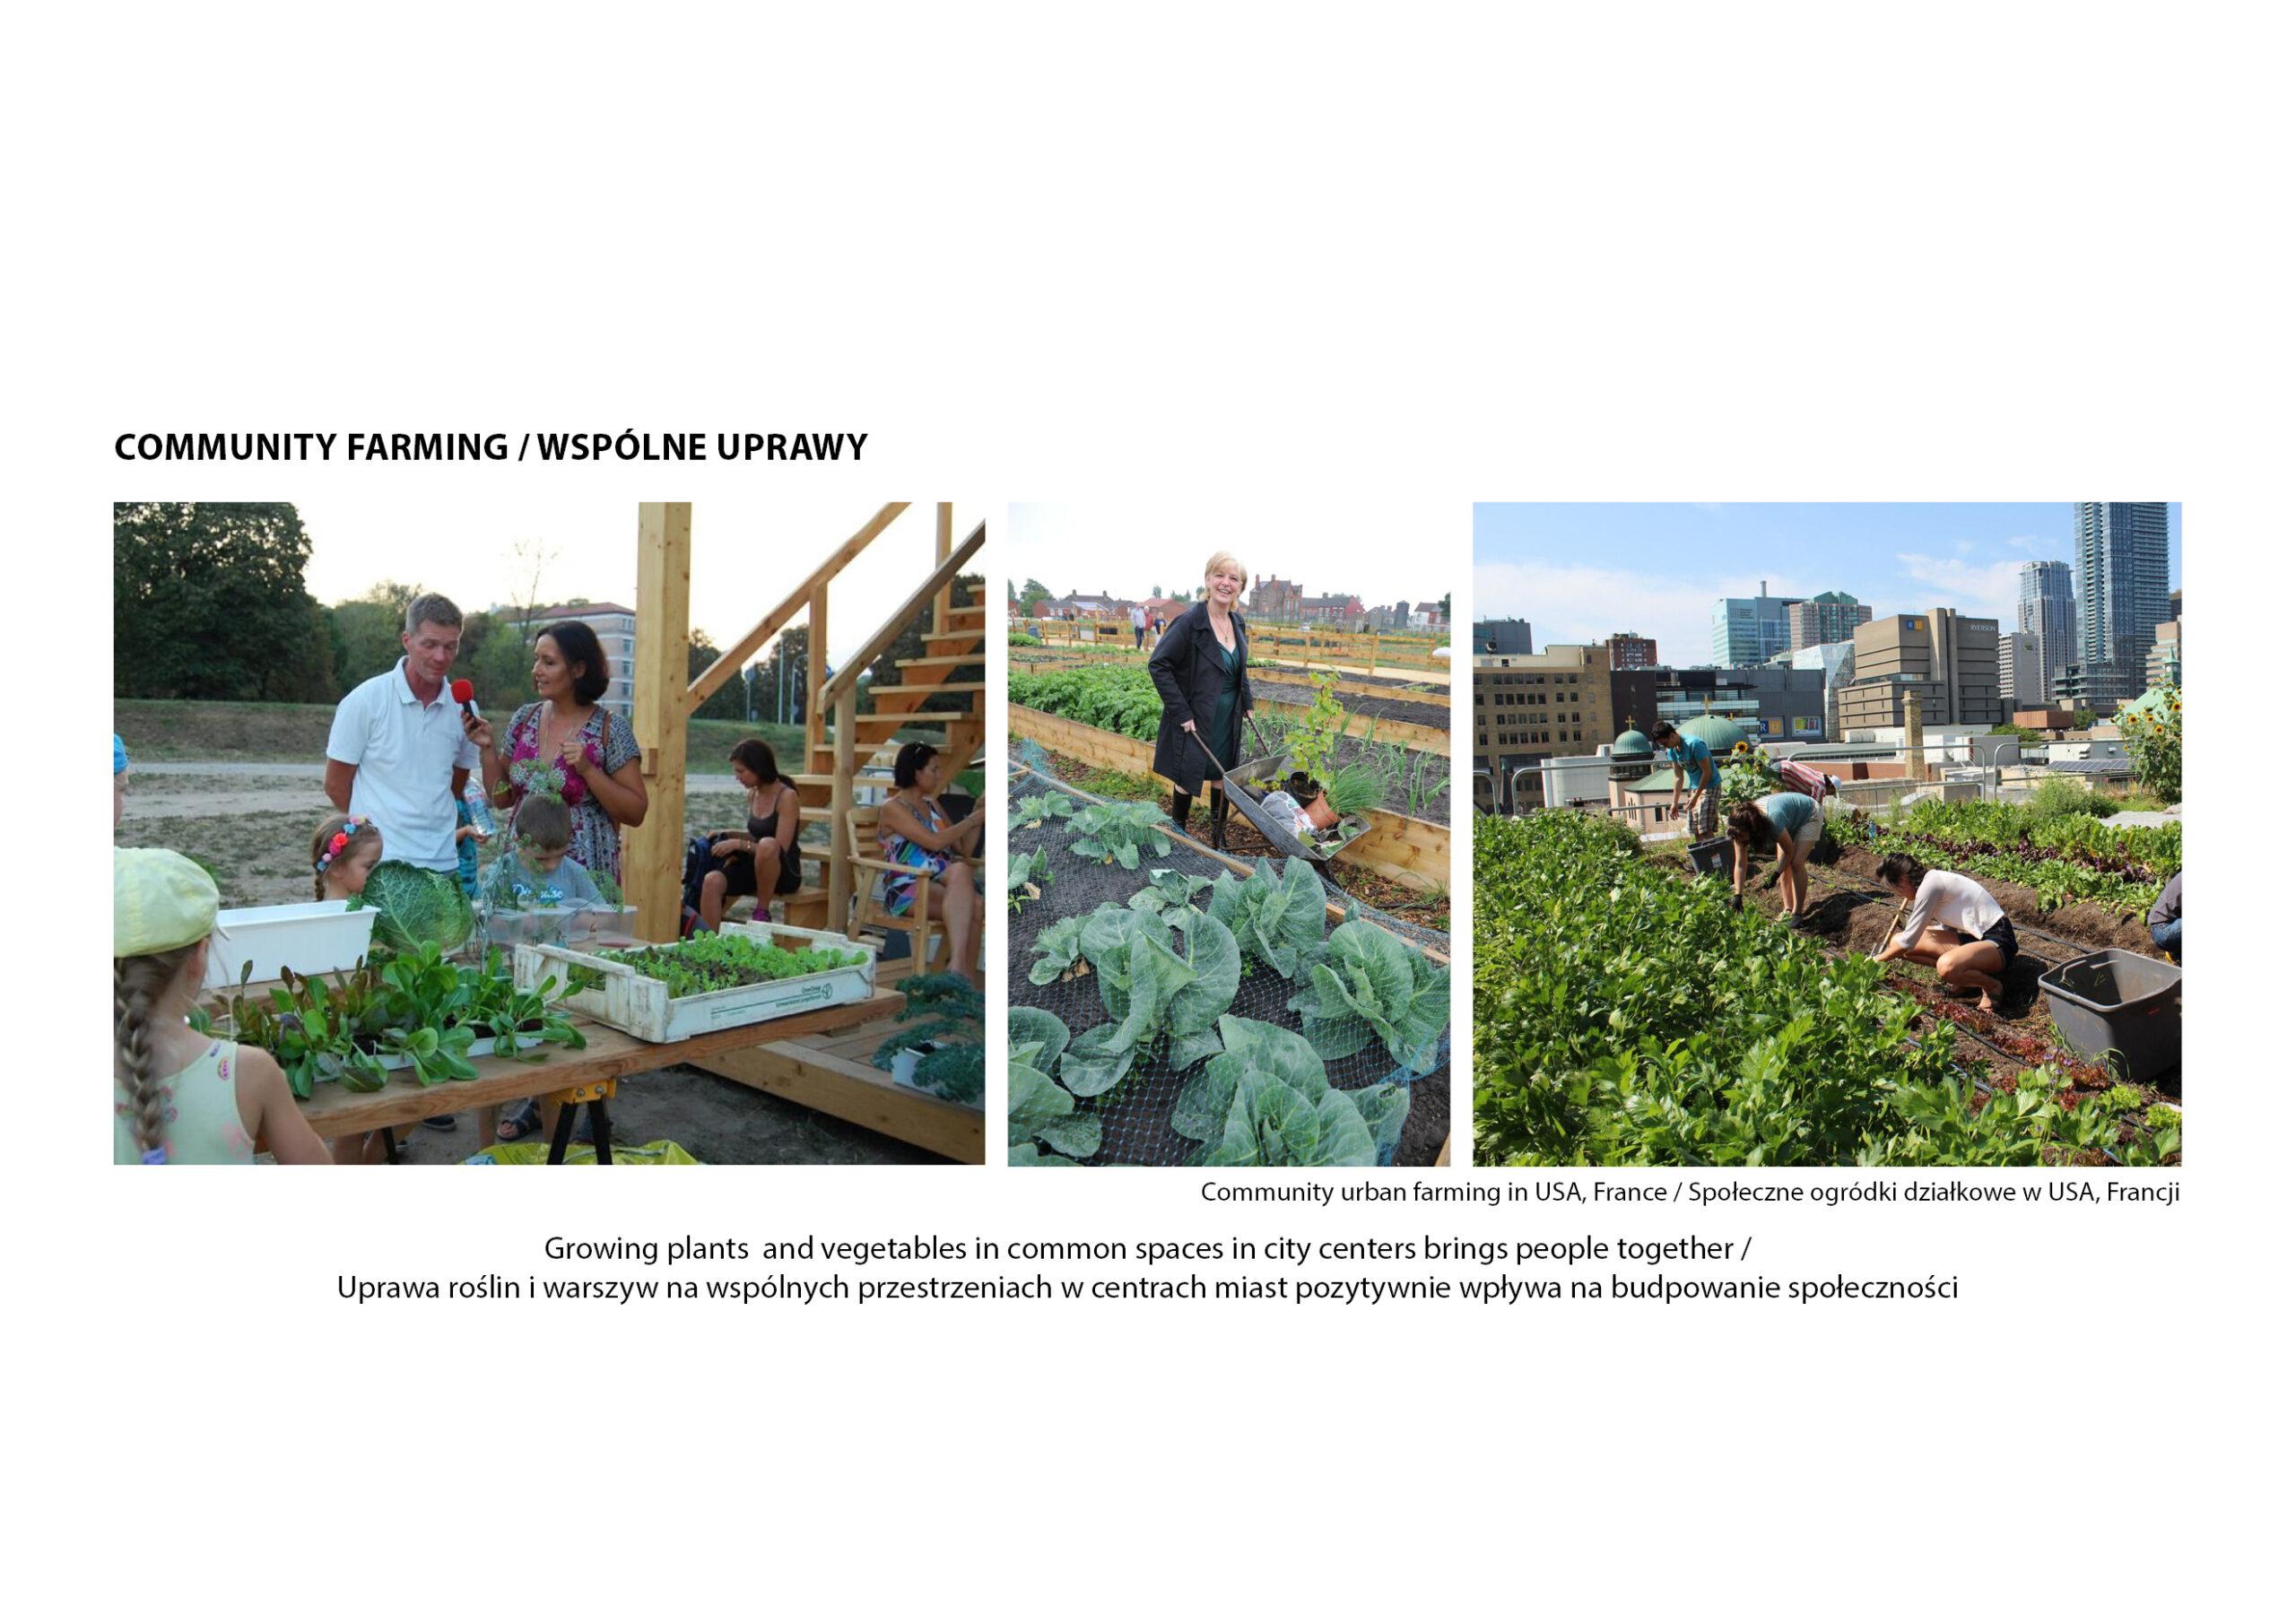 MJZ-Urban-Farming-XXI-Ogrody-Dzialkowe-Przyszlosci3-1